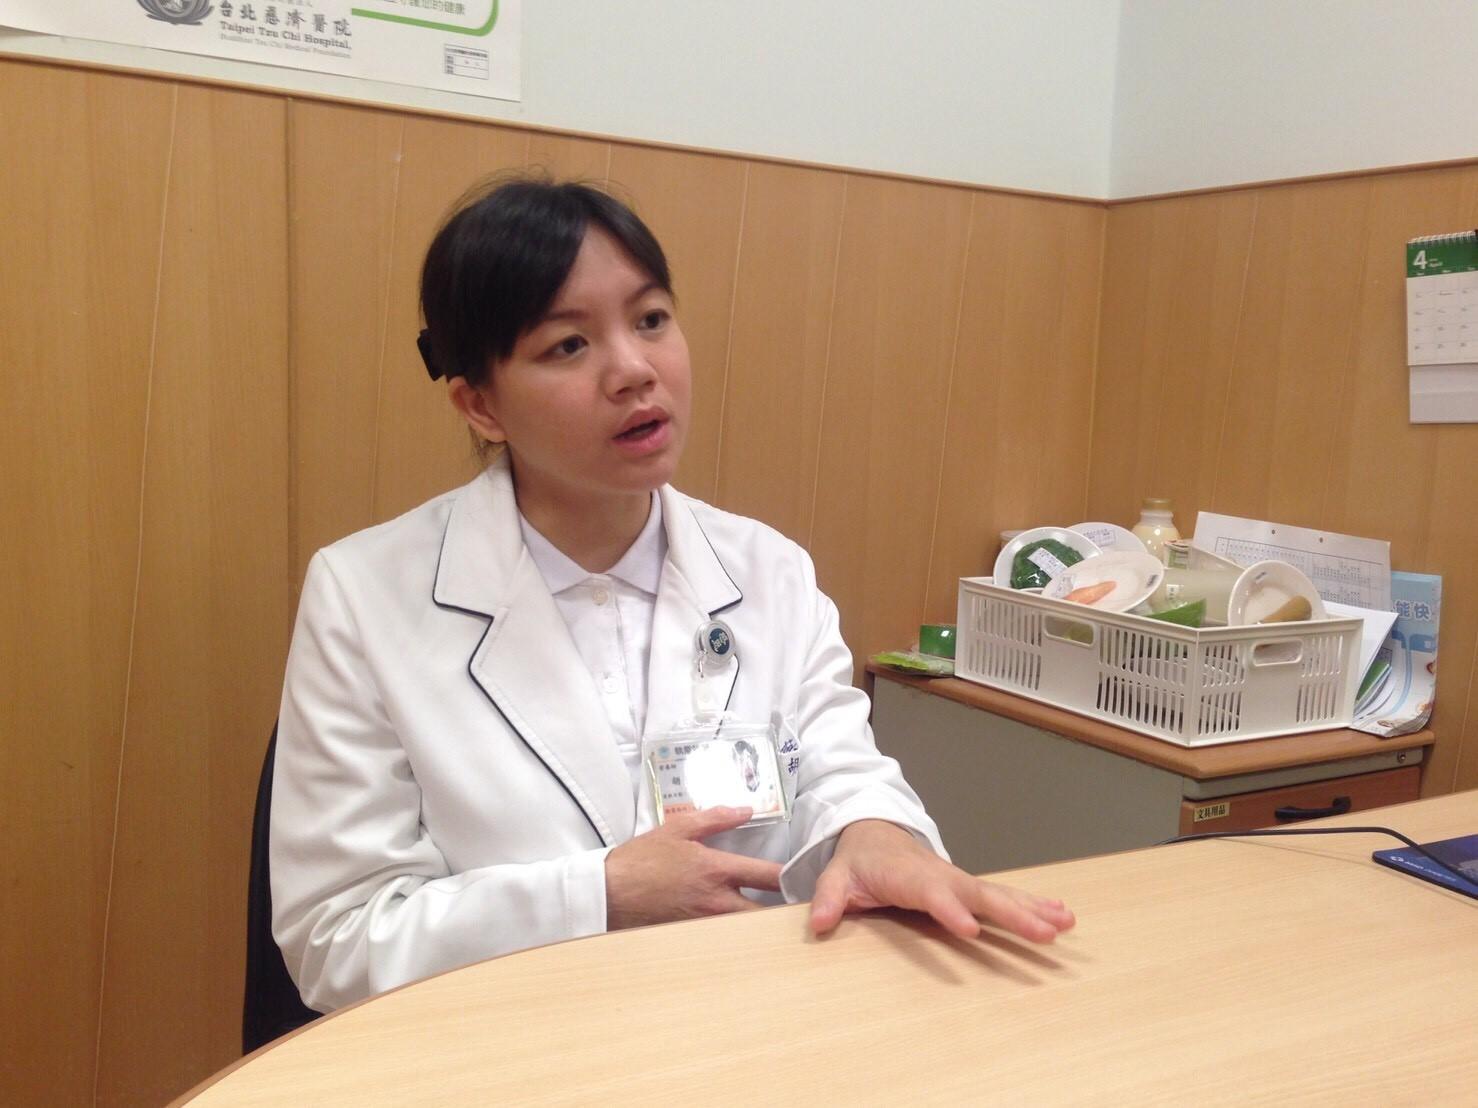 臺北慈濟醫院營養師胡芳晴指出,果乾及調味品都是水楊酸含量高的東西,有蕁麻疹症狀的患者應避免食用。攝影/許毓珊